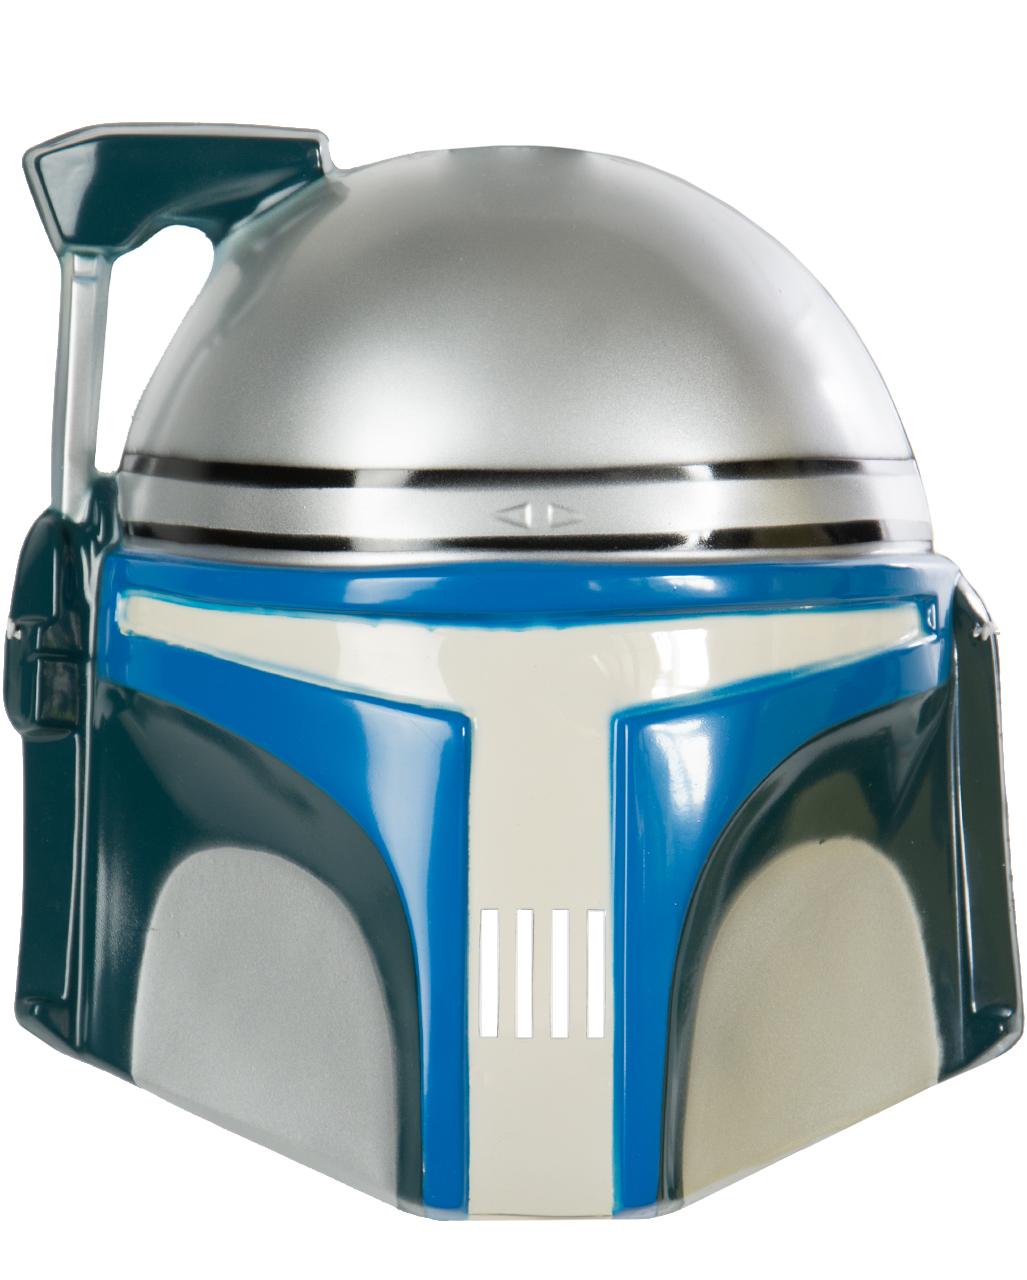 Beste Star Wars Malvorlagen Boba Fett Helm Fotos - Beispiel Business ...